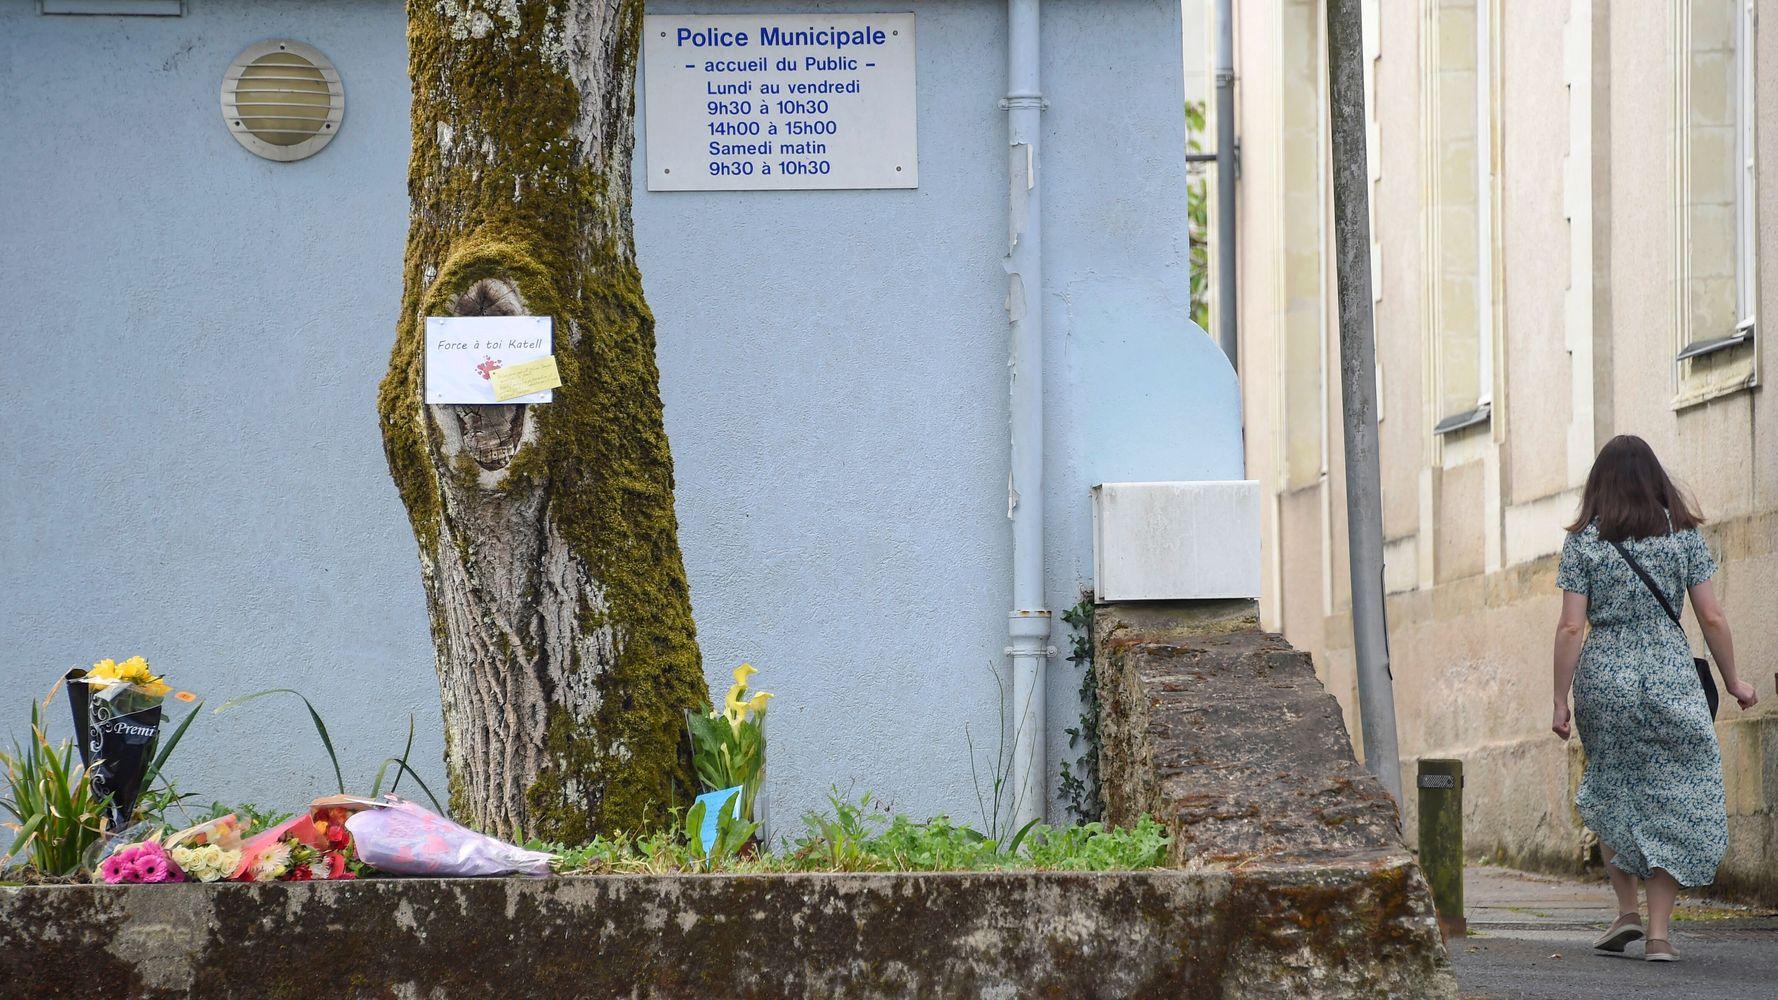 La Chapelle-sur-Erdre: Katell Lereec, la policière agressée va mieux